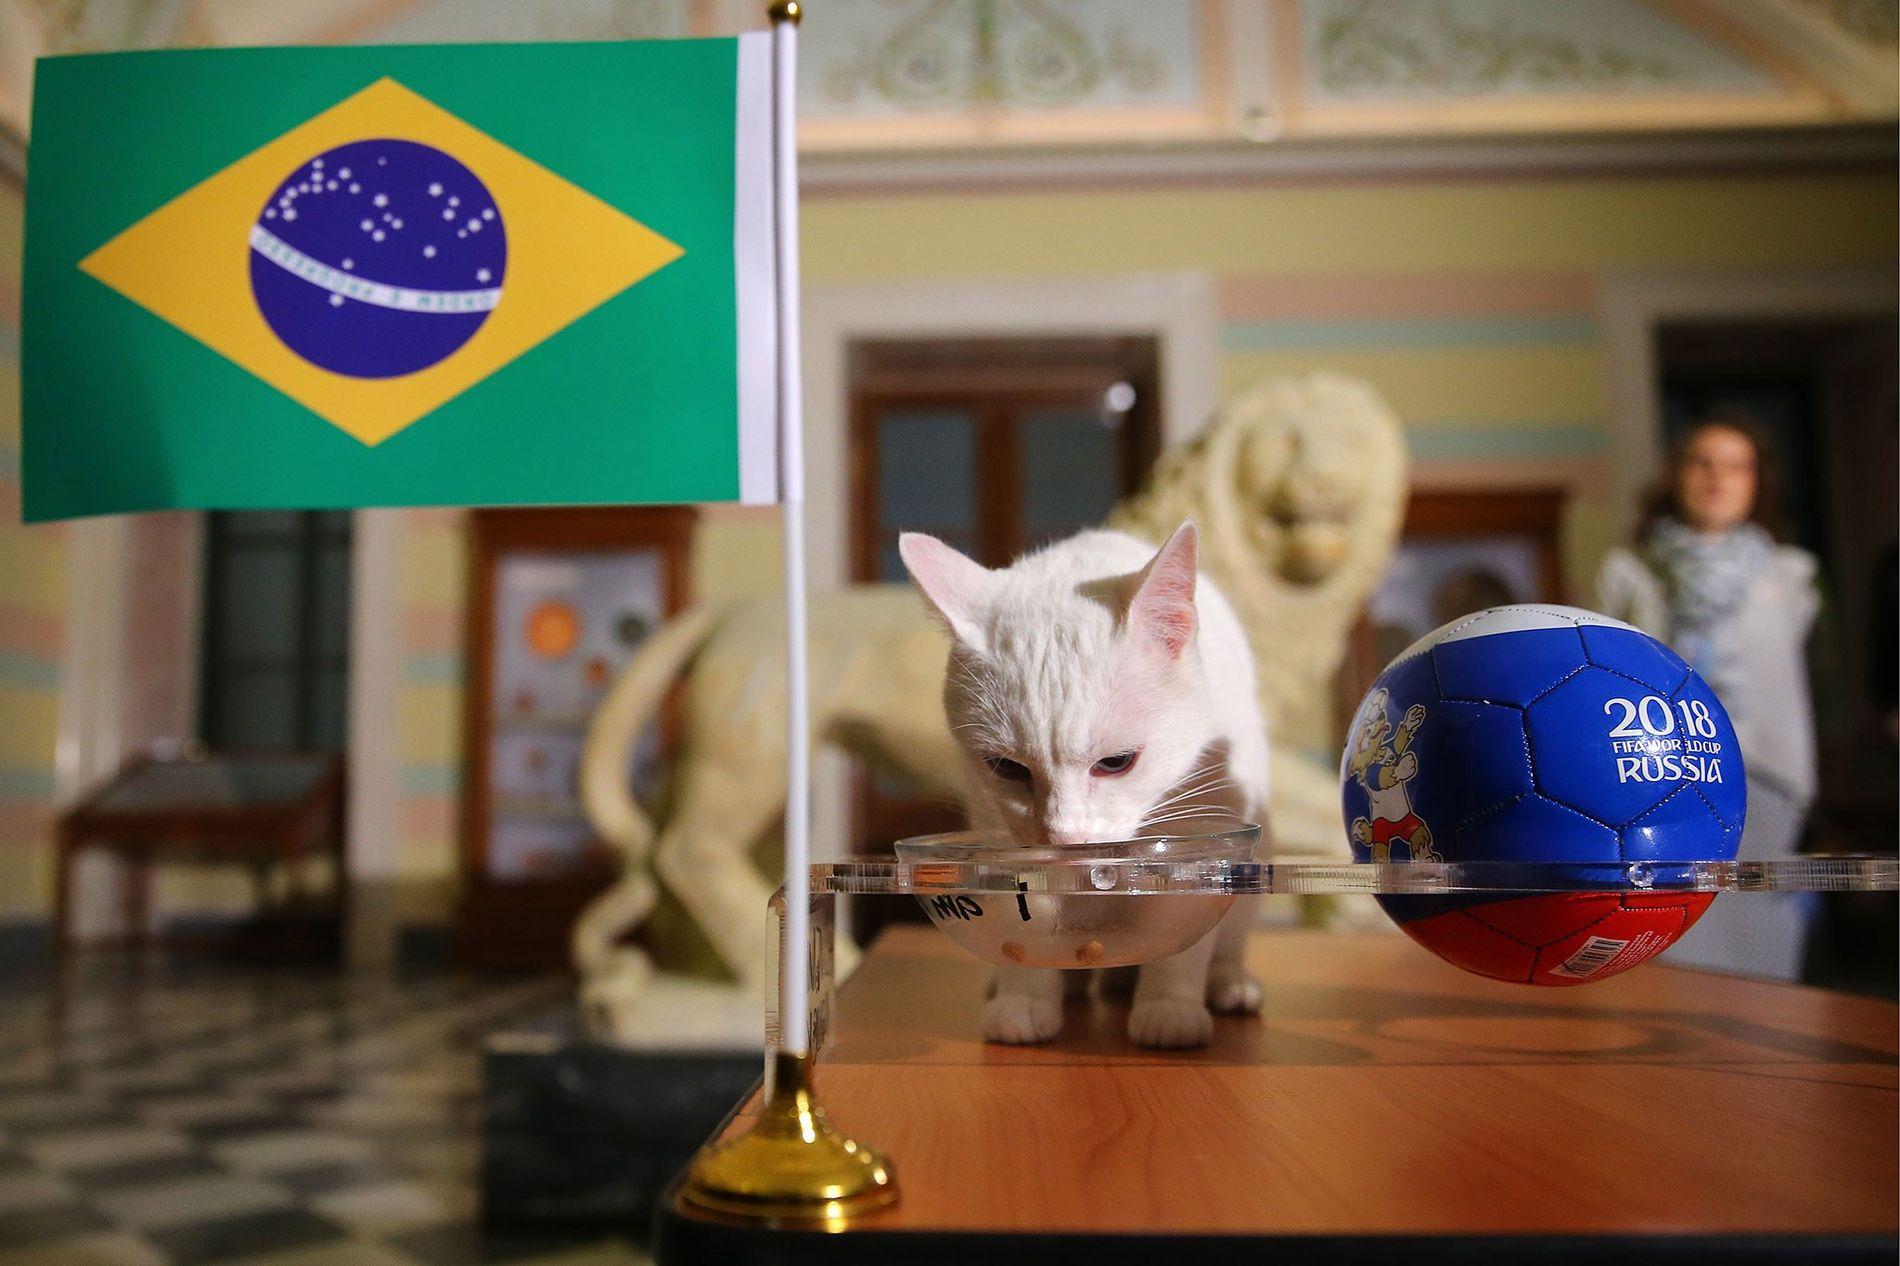 Aquiles, o gato, um animal vidente do Mundial de Futebol de 2018 da FIFA.